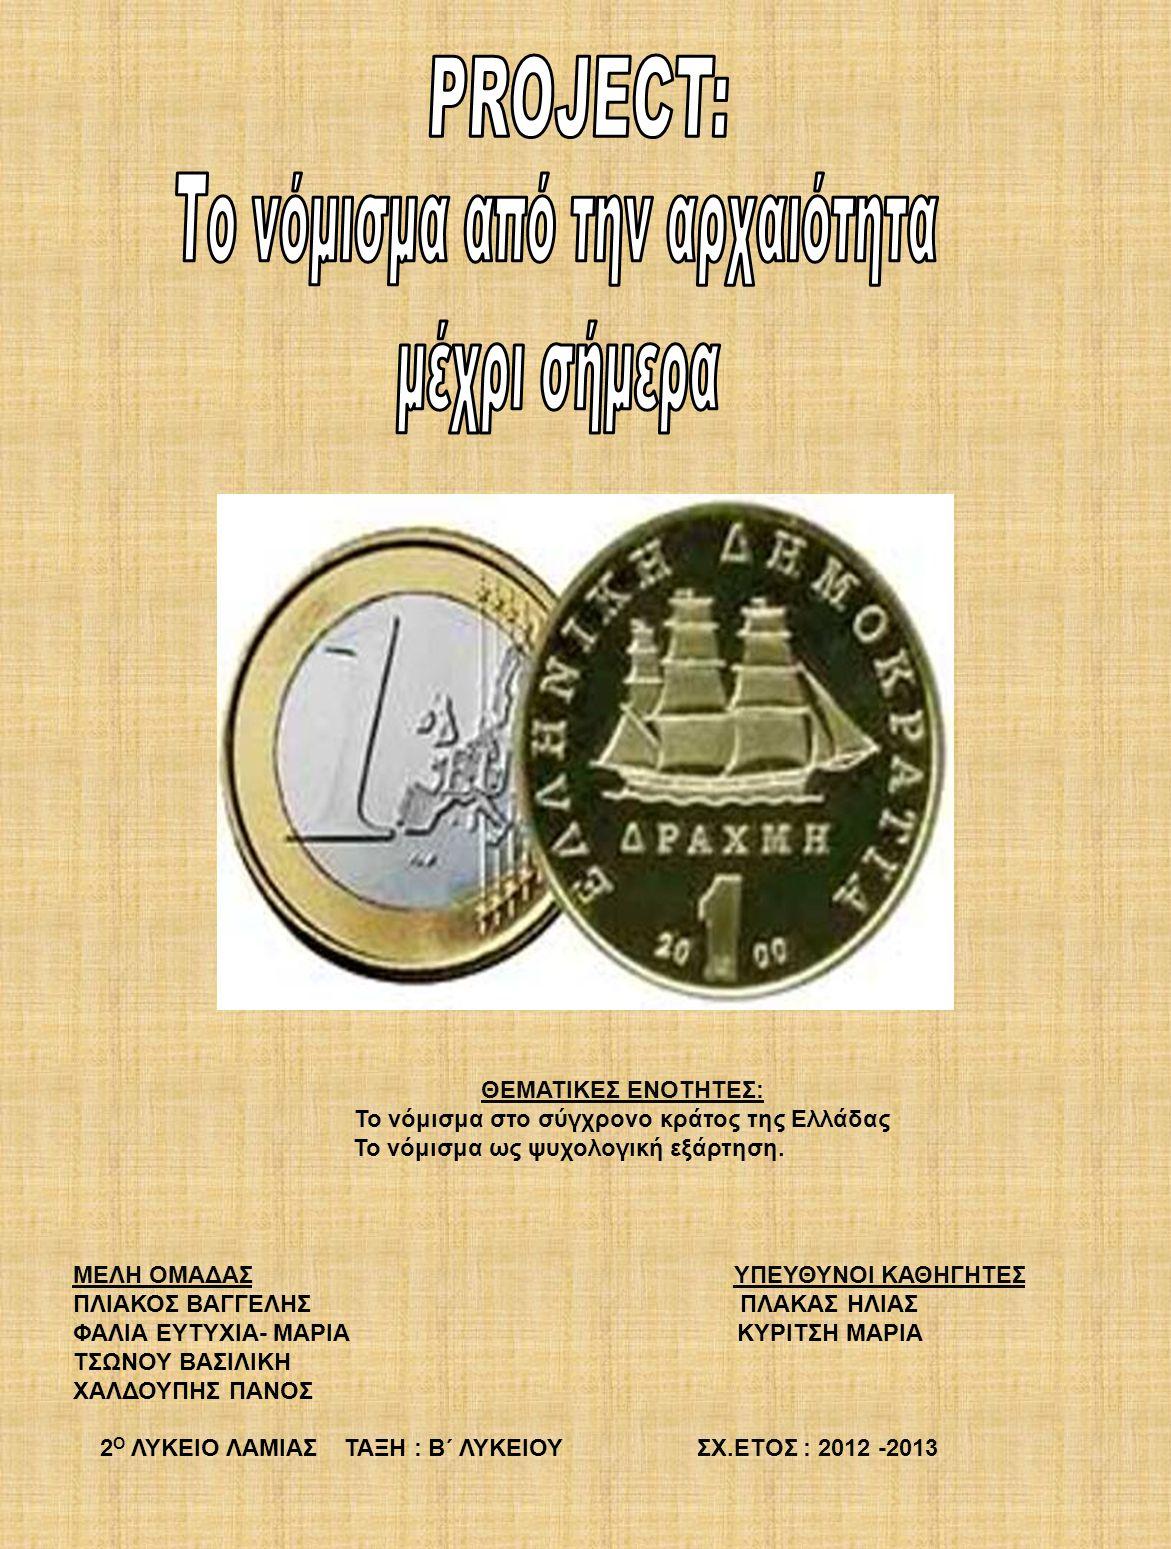 Το νόμισμα στο σύγχρονο κράτος της Ελλάδας